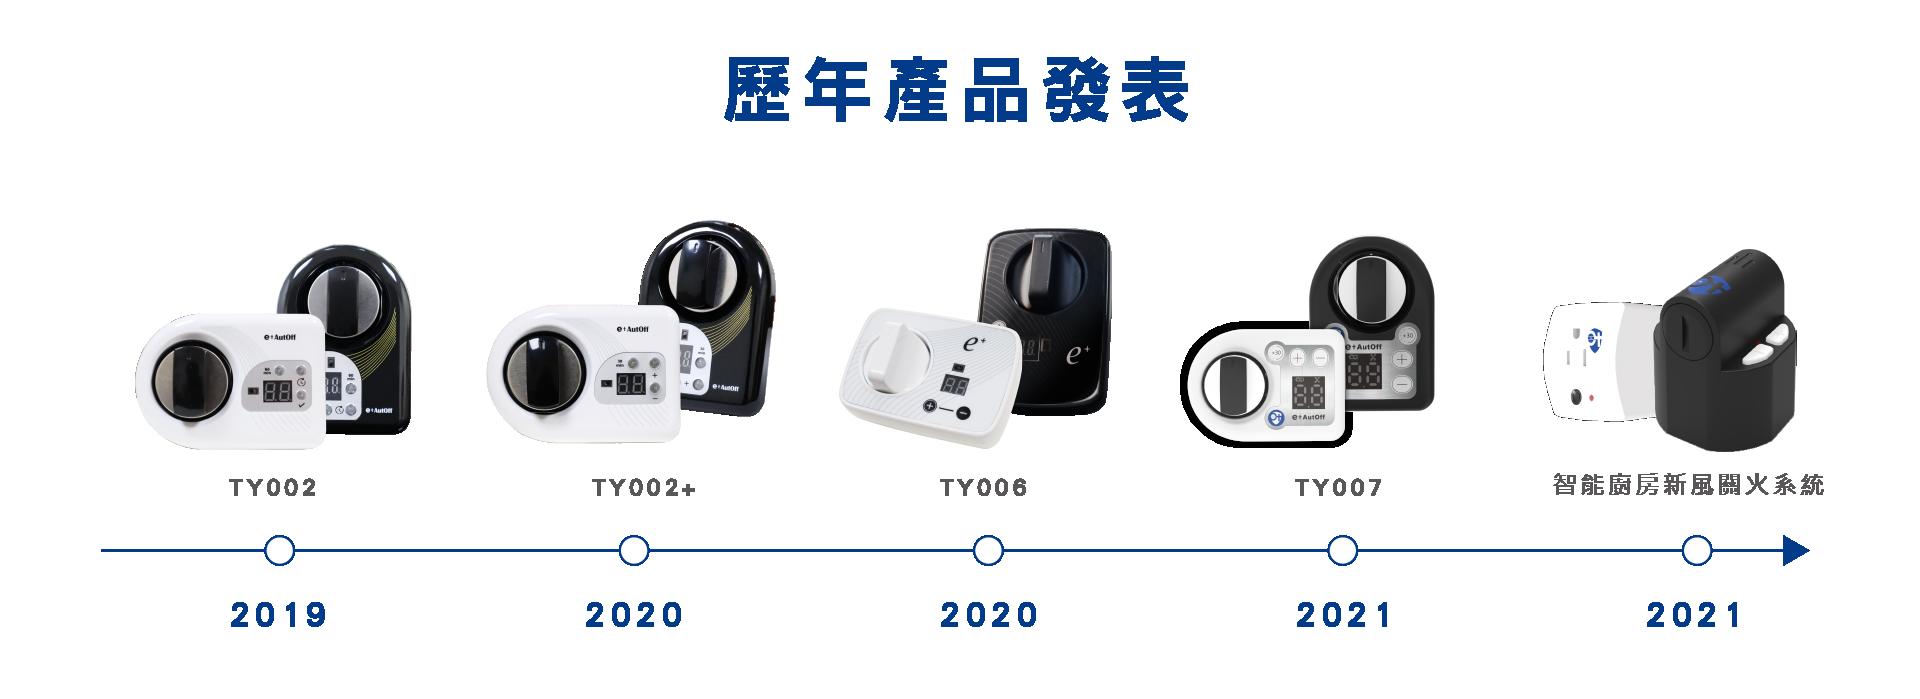 2021-07-20歷年產品發表_工作區域 1